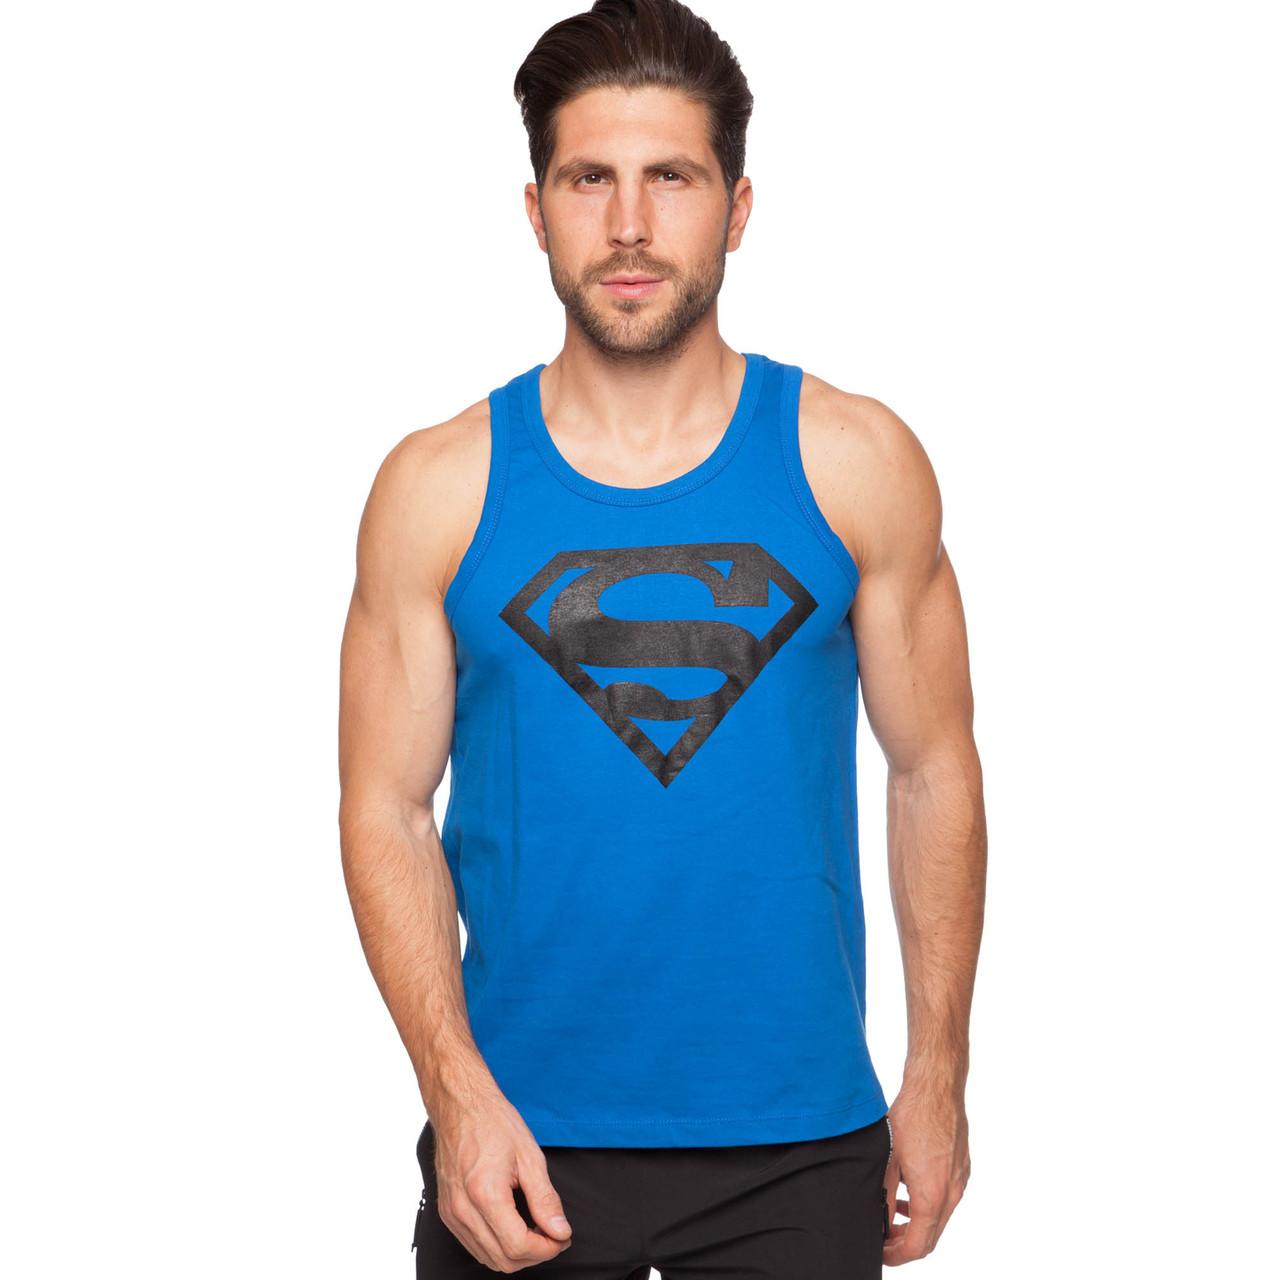 Майка борцовка спортивная мужская SUPERMAN размер S-XL-42-54 Синий S (42-44) PZ-CO-5890_1